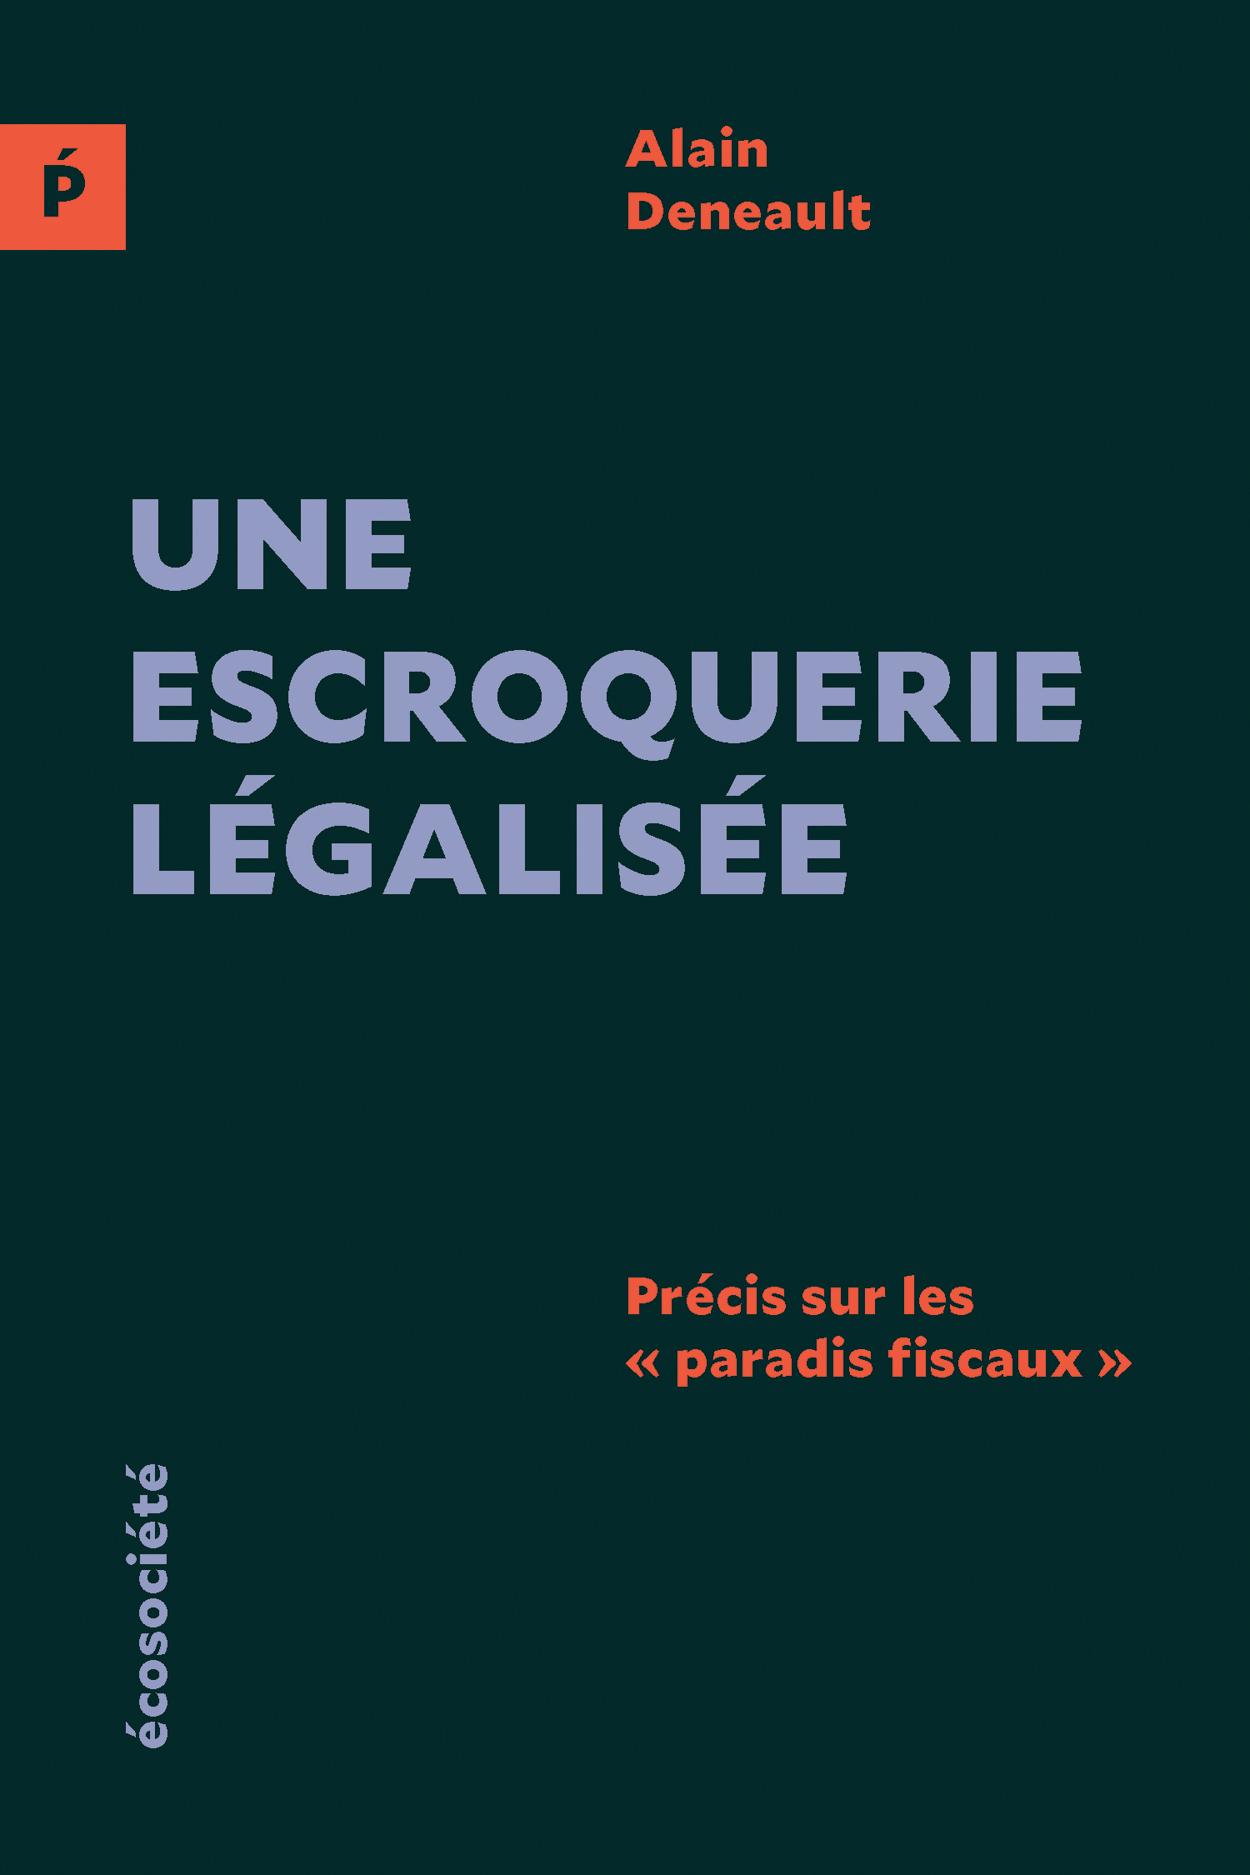 """Une escroquerie légalisée (édition européenne), Précis sur les """"paradis fiscaux"""""""